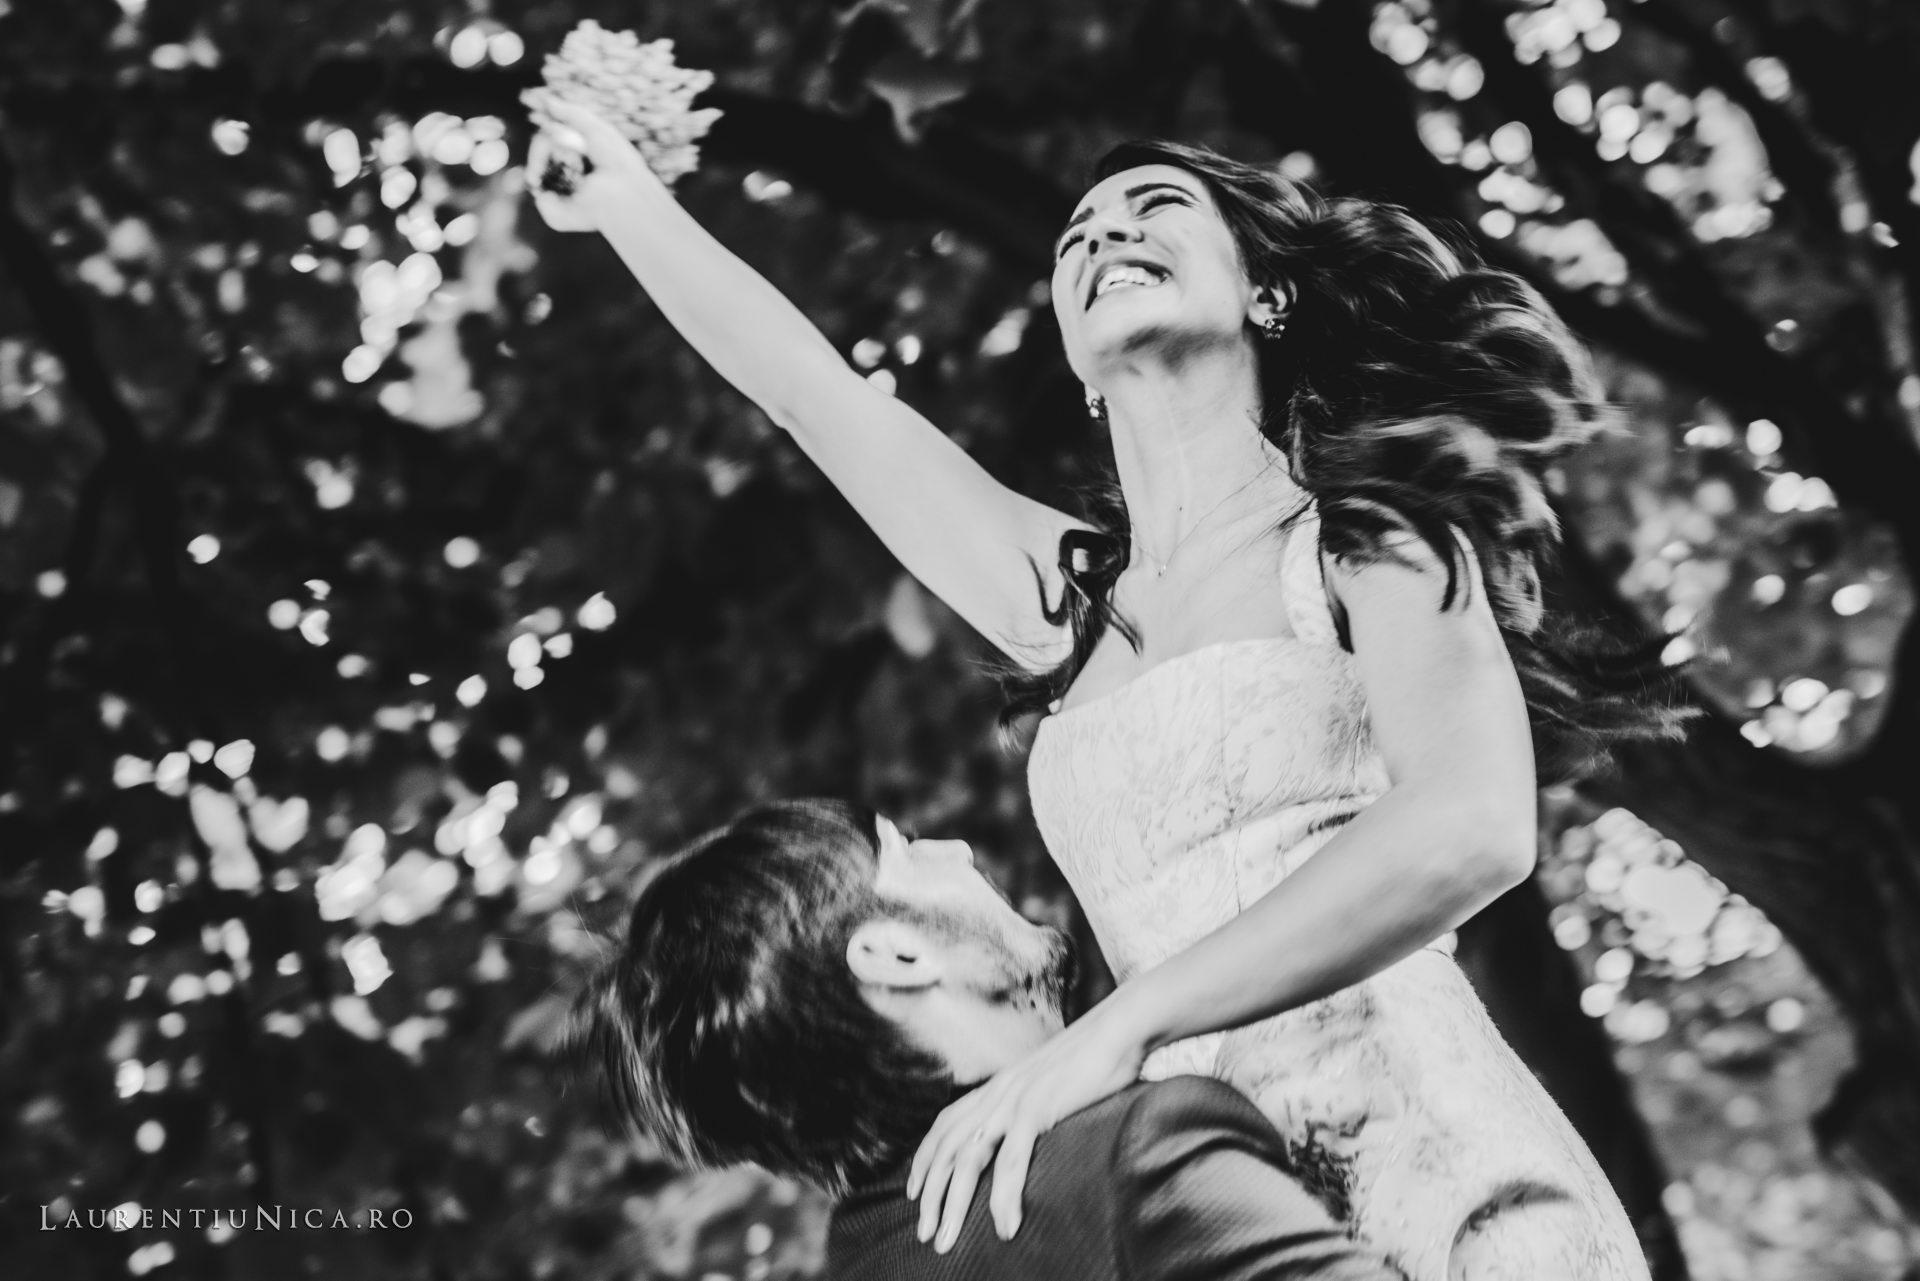 Cristina si Ovidiu nunta Craiova fotograf laurentiu nica 026 - Cristina & Ovidiu | Fotografii nunta | Craiova